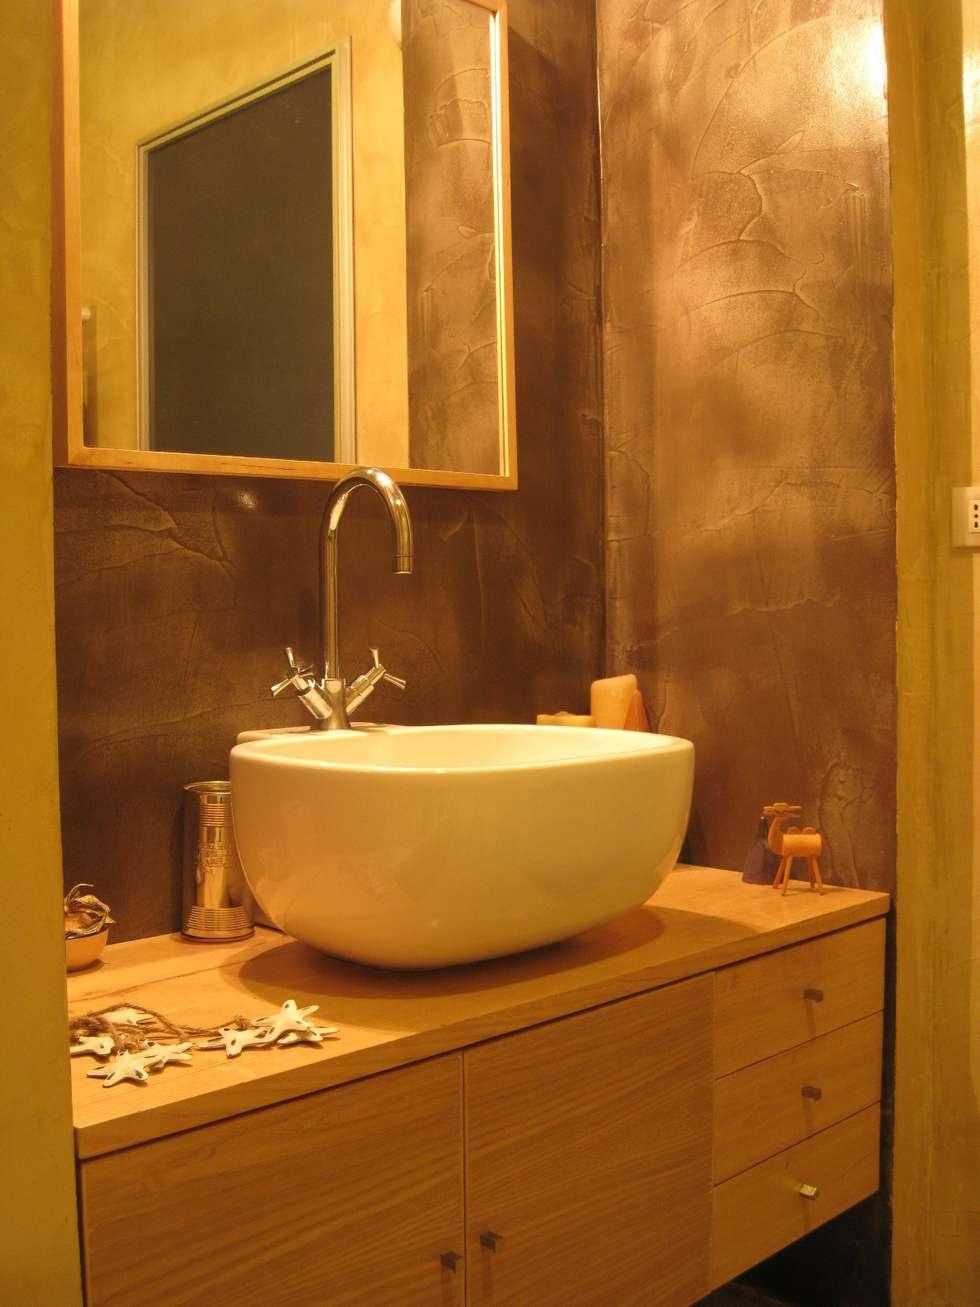 Idee arredamento casa interior design homify for G m bagno di giuntini massimo